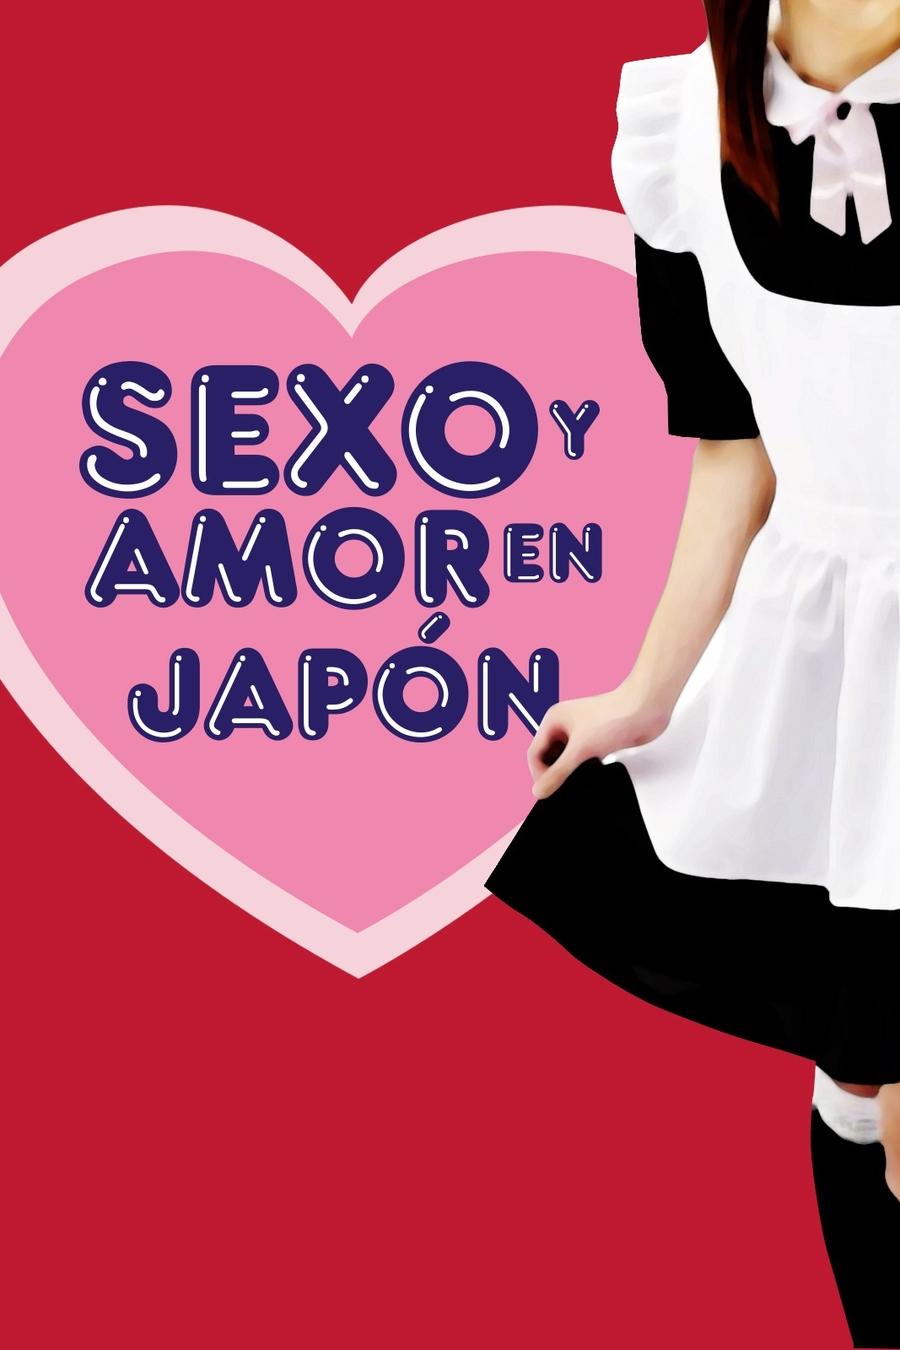 Sexo y amor en Japón